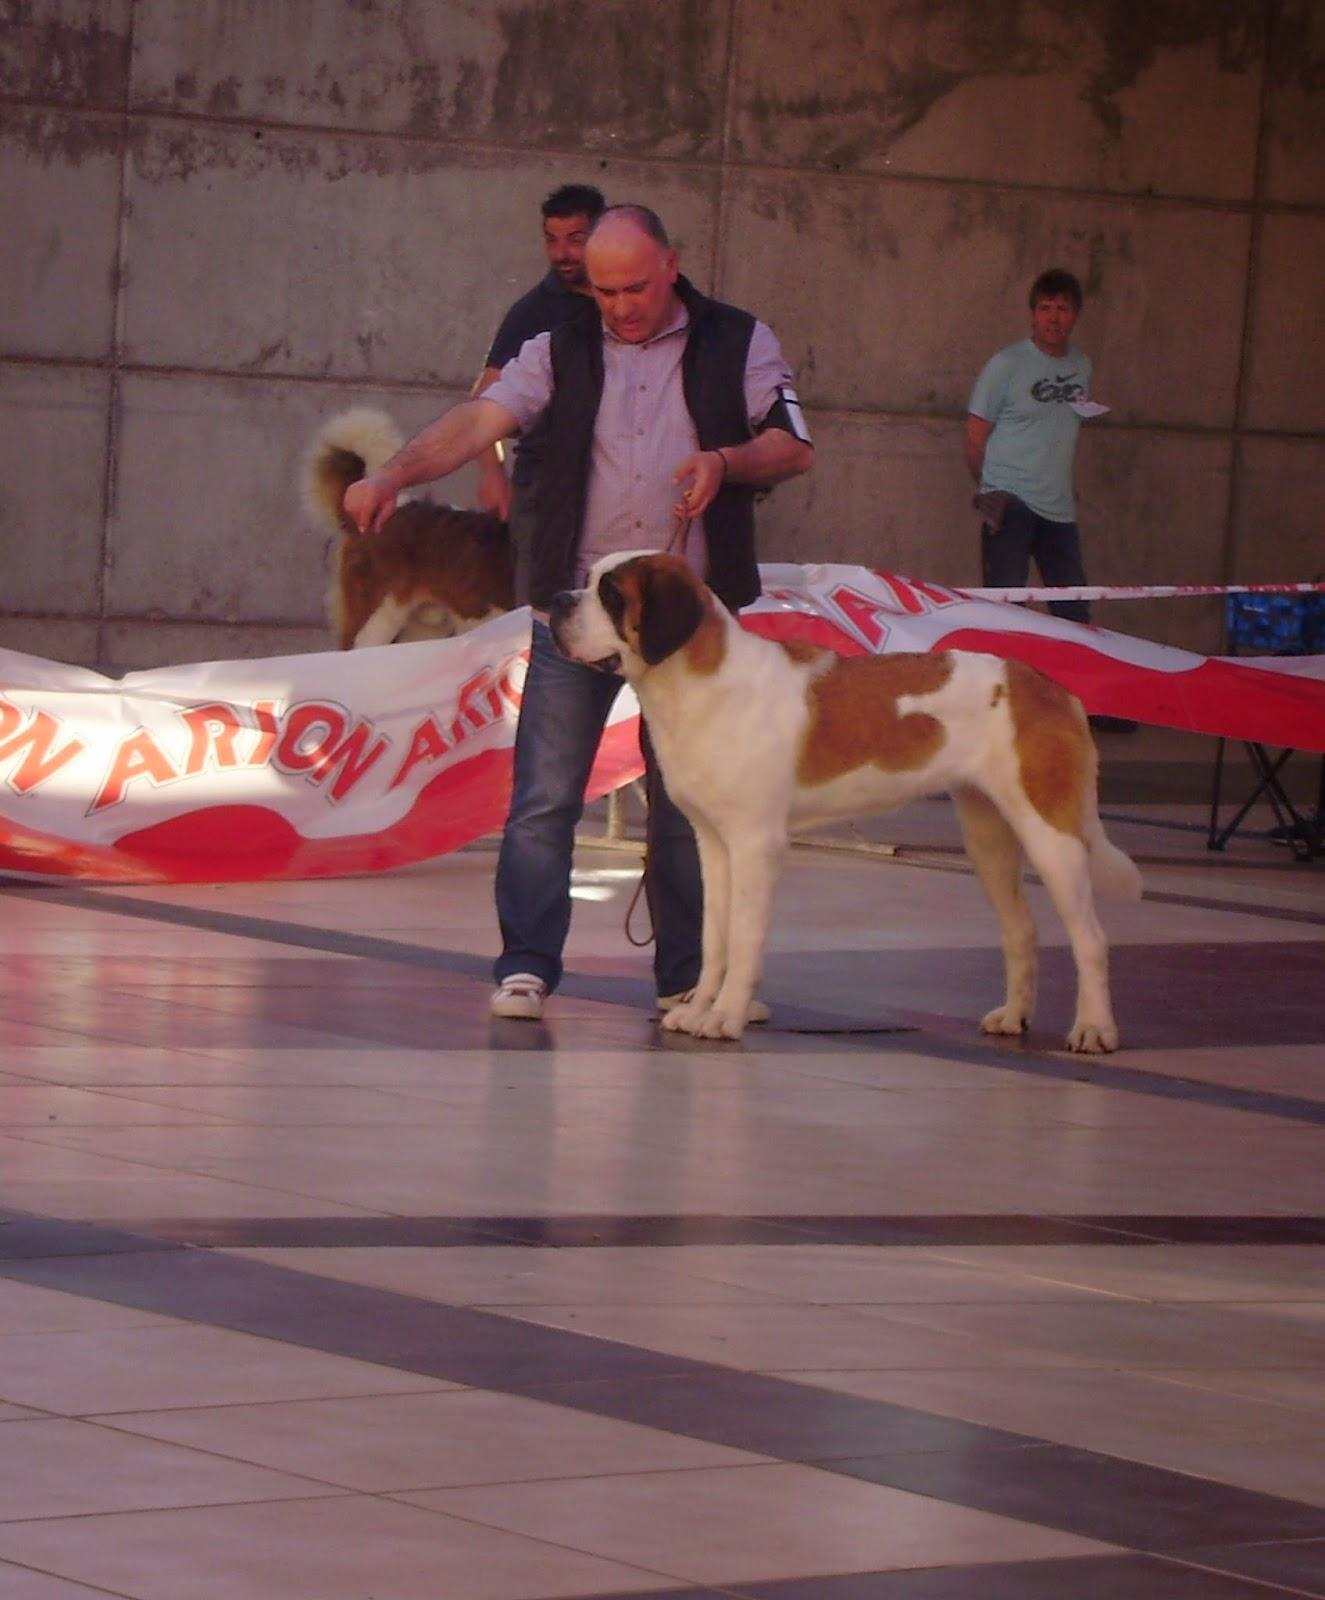 San bernardo (perro) Wikipedia la enciclopedia libre - San Bernardo Pelo Corto